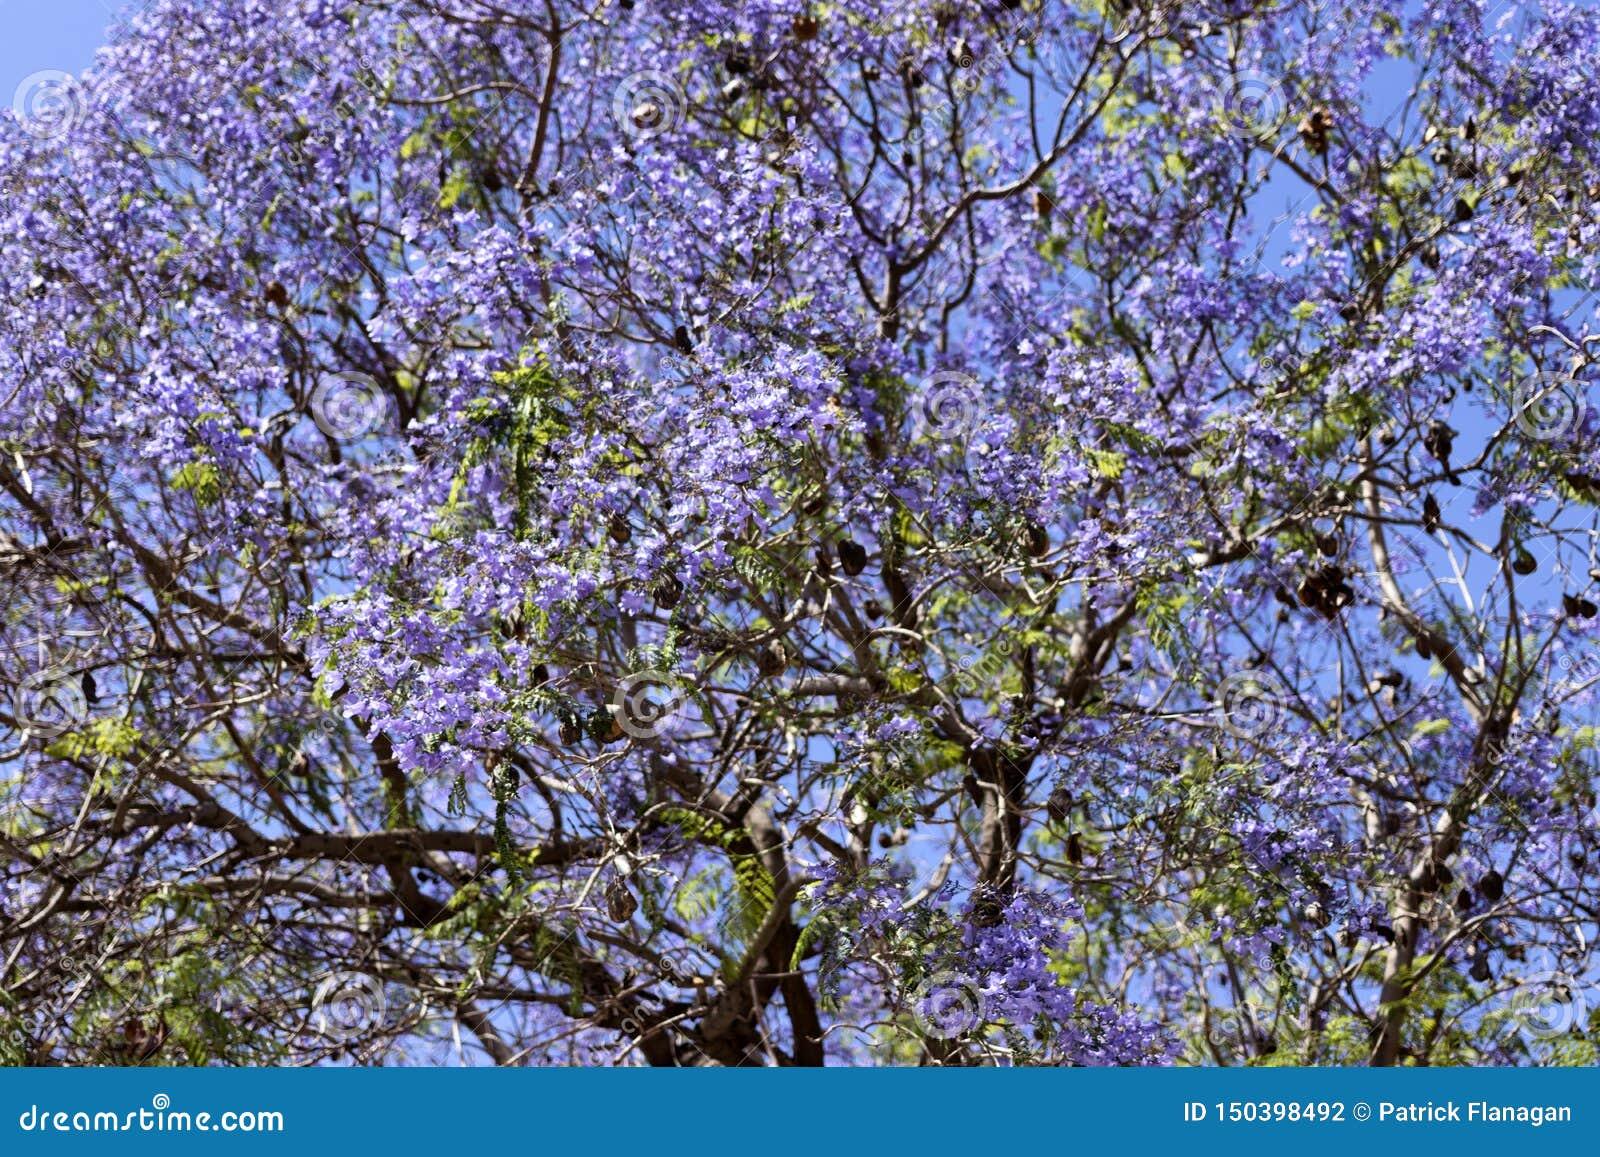 Foto van een boom met purpere bloemen